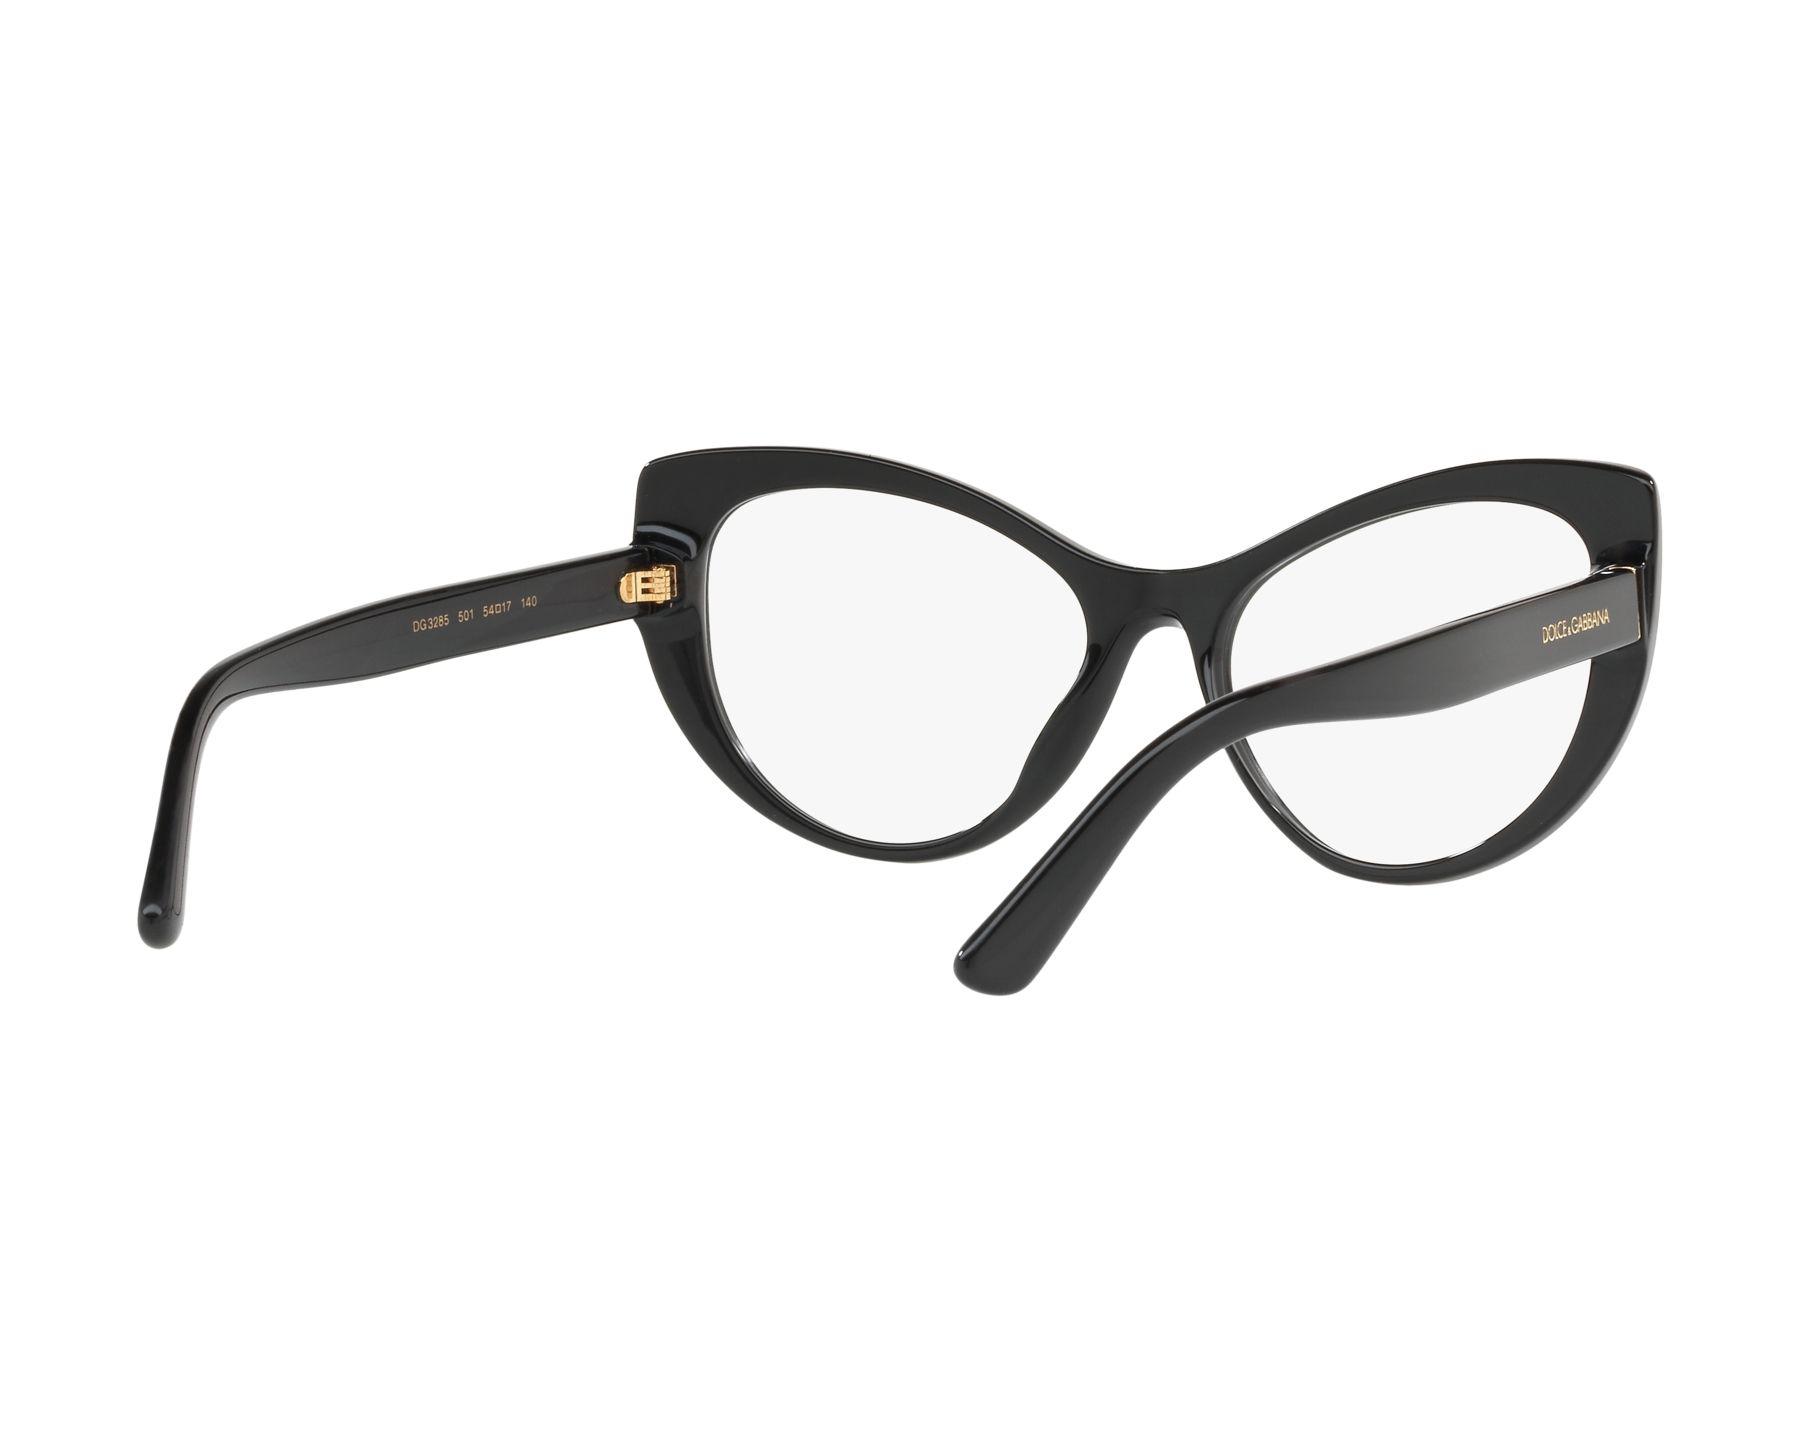 DOLCE & GABBANA Dolce & Gabbana Damen Brille » DG3285«, schwarz, 3152 - schwarz